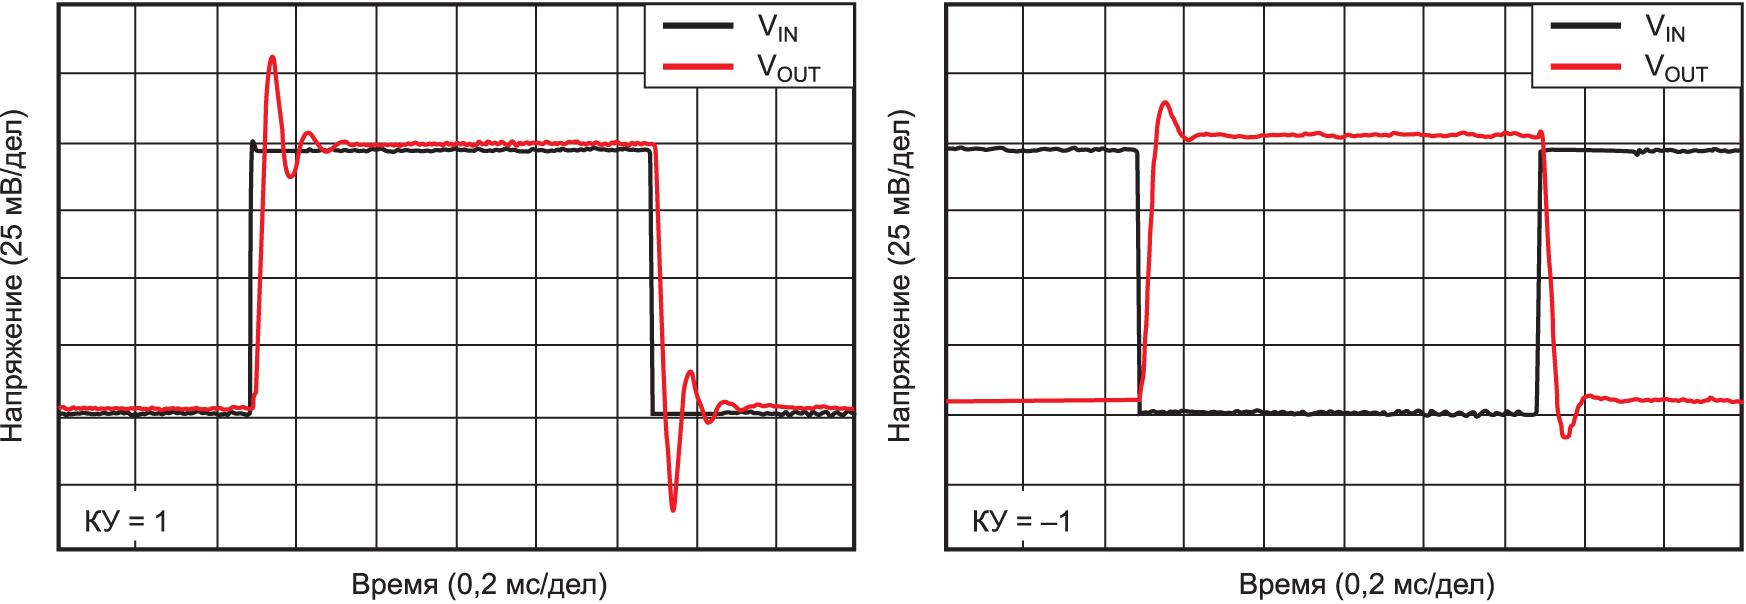 Отклик OPA1678 на прямоугольный импульс